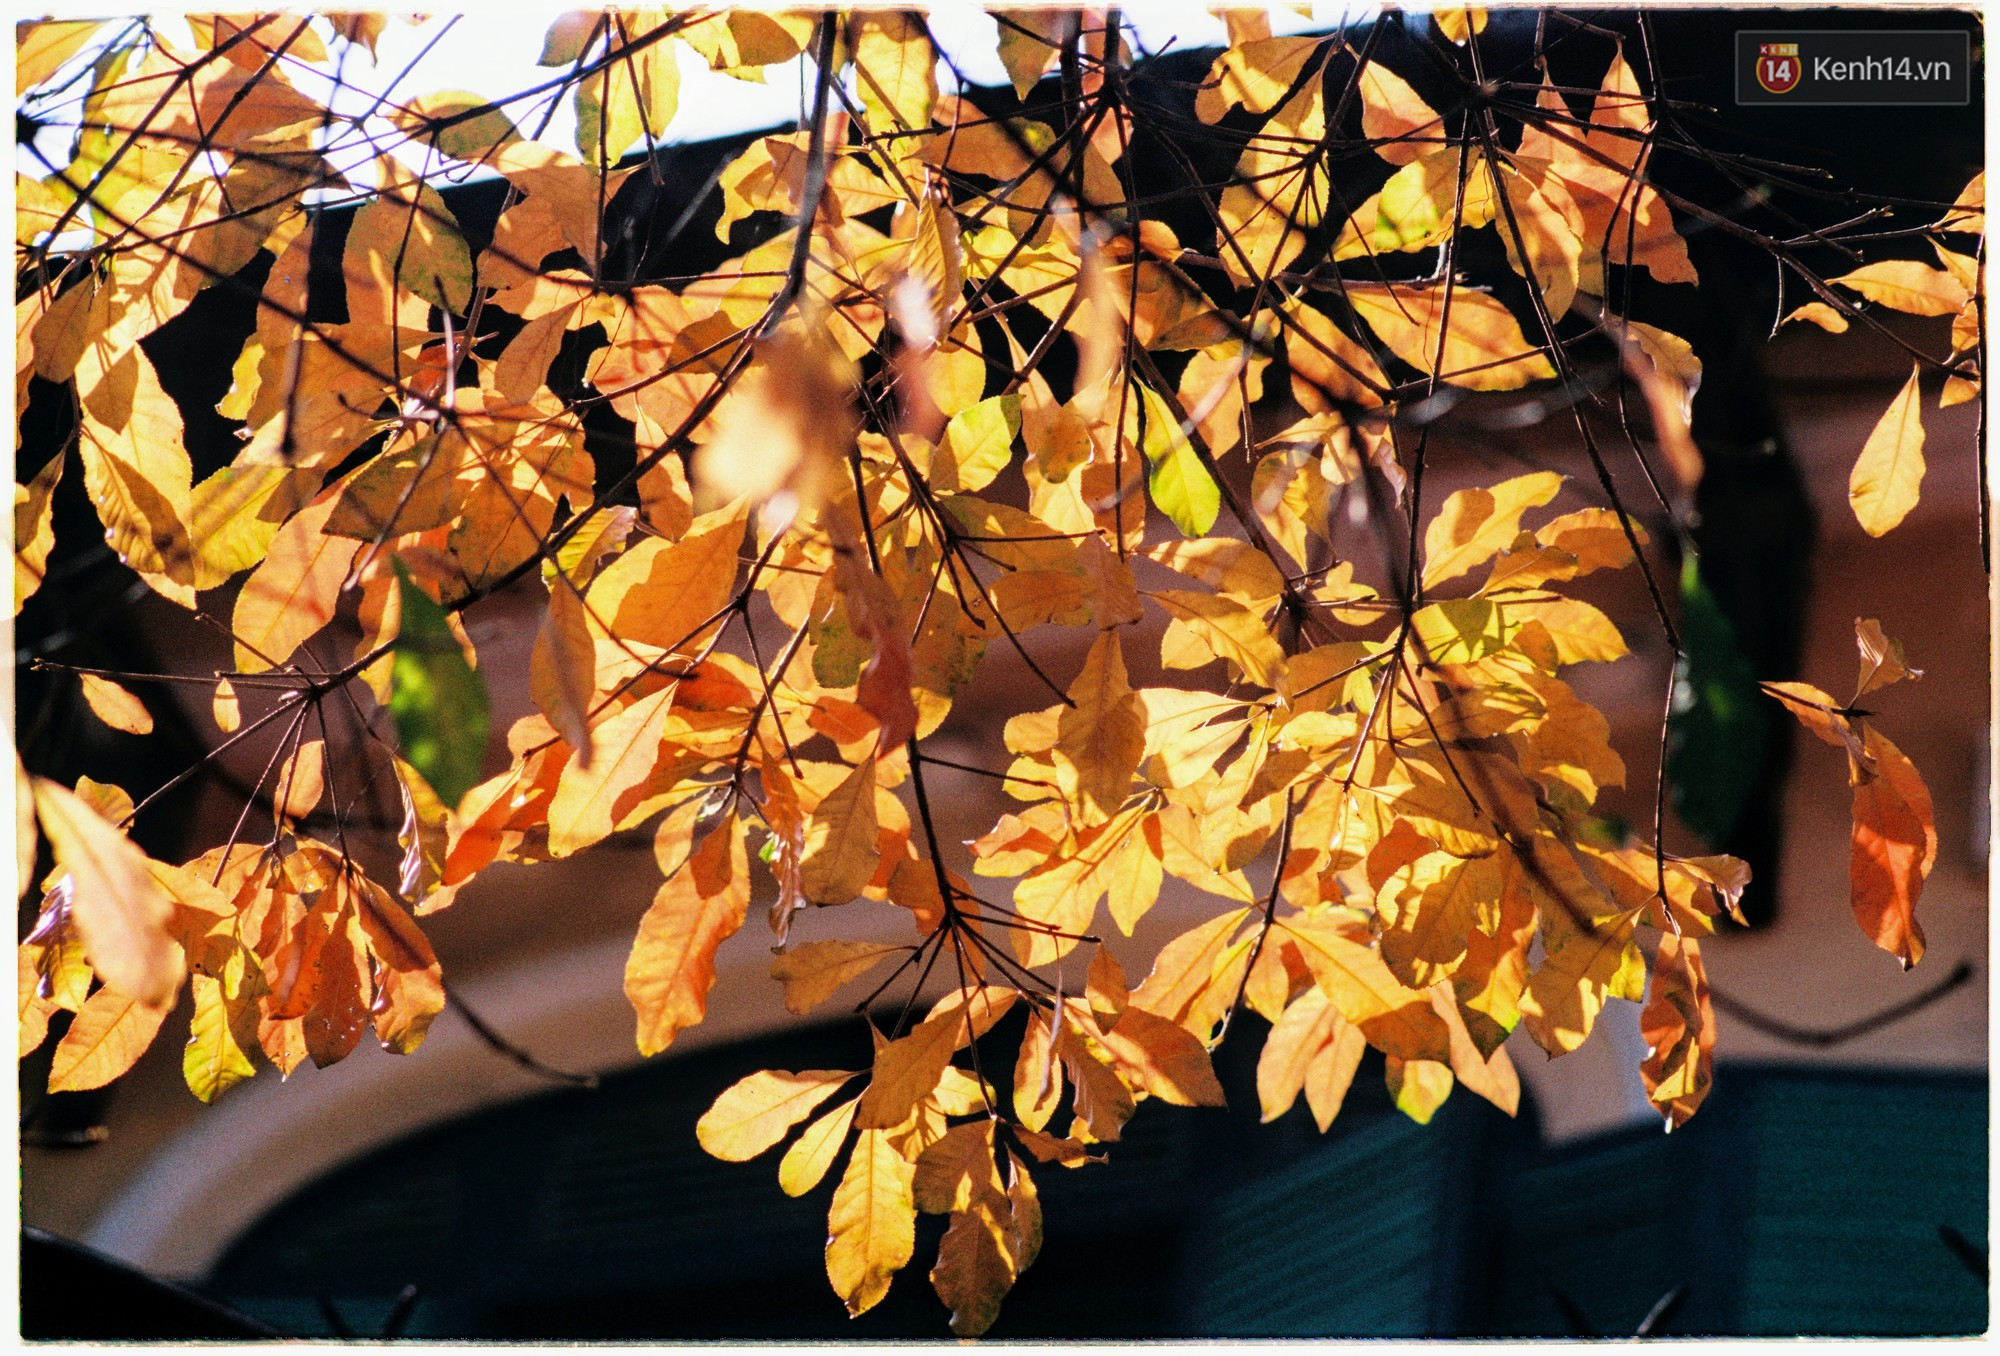 Hà Nội những ngày se lạnh, nắng đẹp và lá đỏ rợp góc phố - Ảnh 12.